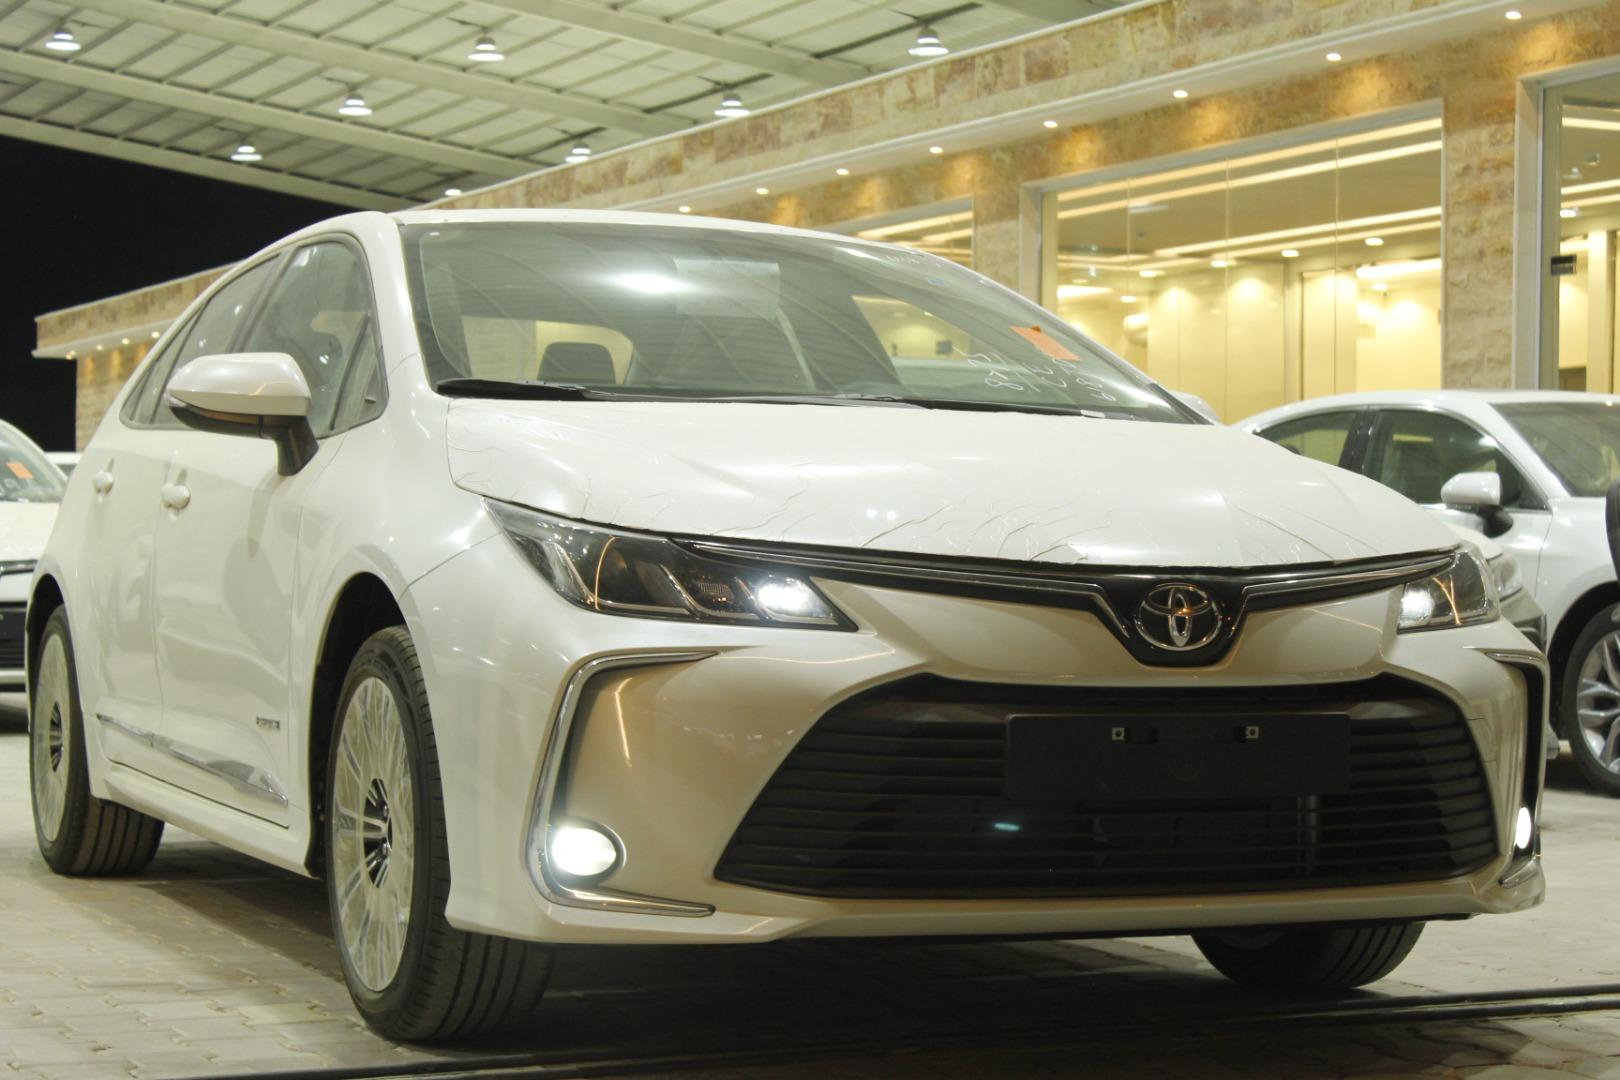 مباع - تويوتا كورولا XLI Executive Moonroof نص فل 2021 سعودي جديد للبيع في الرياض - السعودية - صورة كبيرة - 11